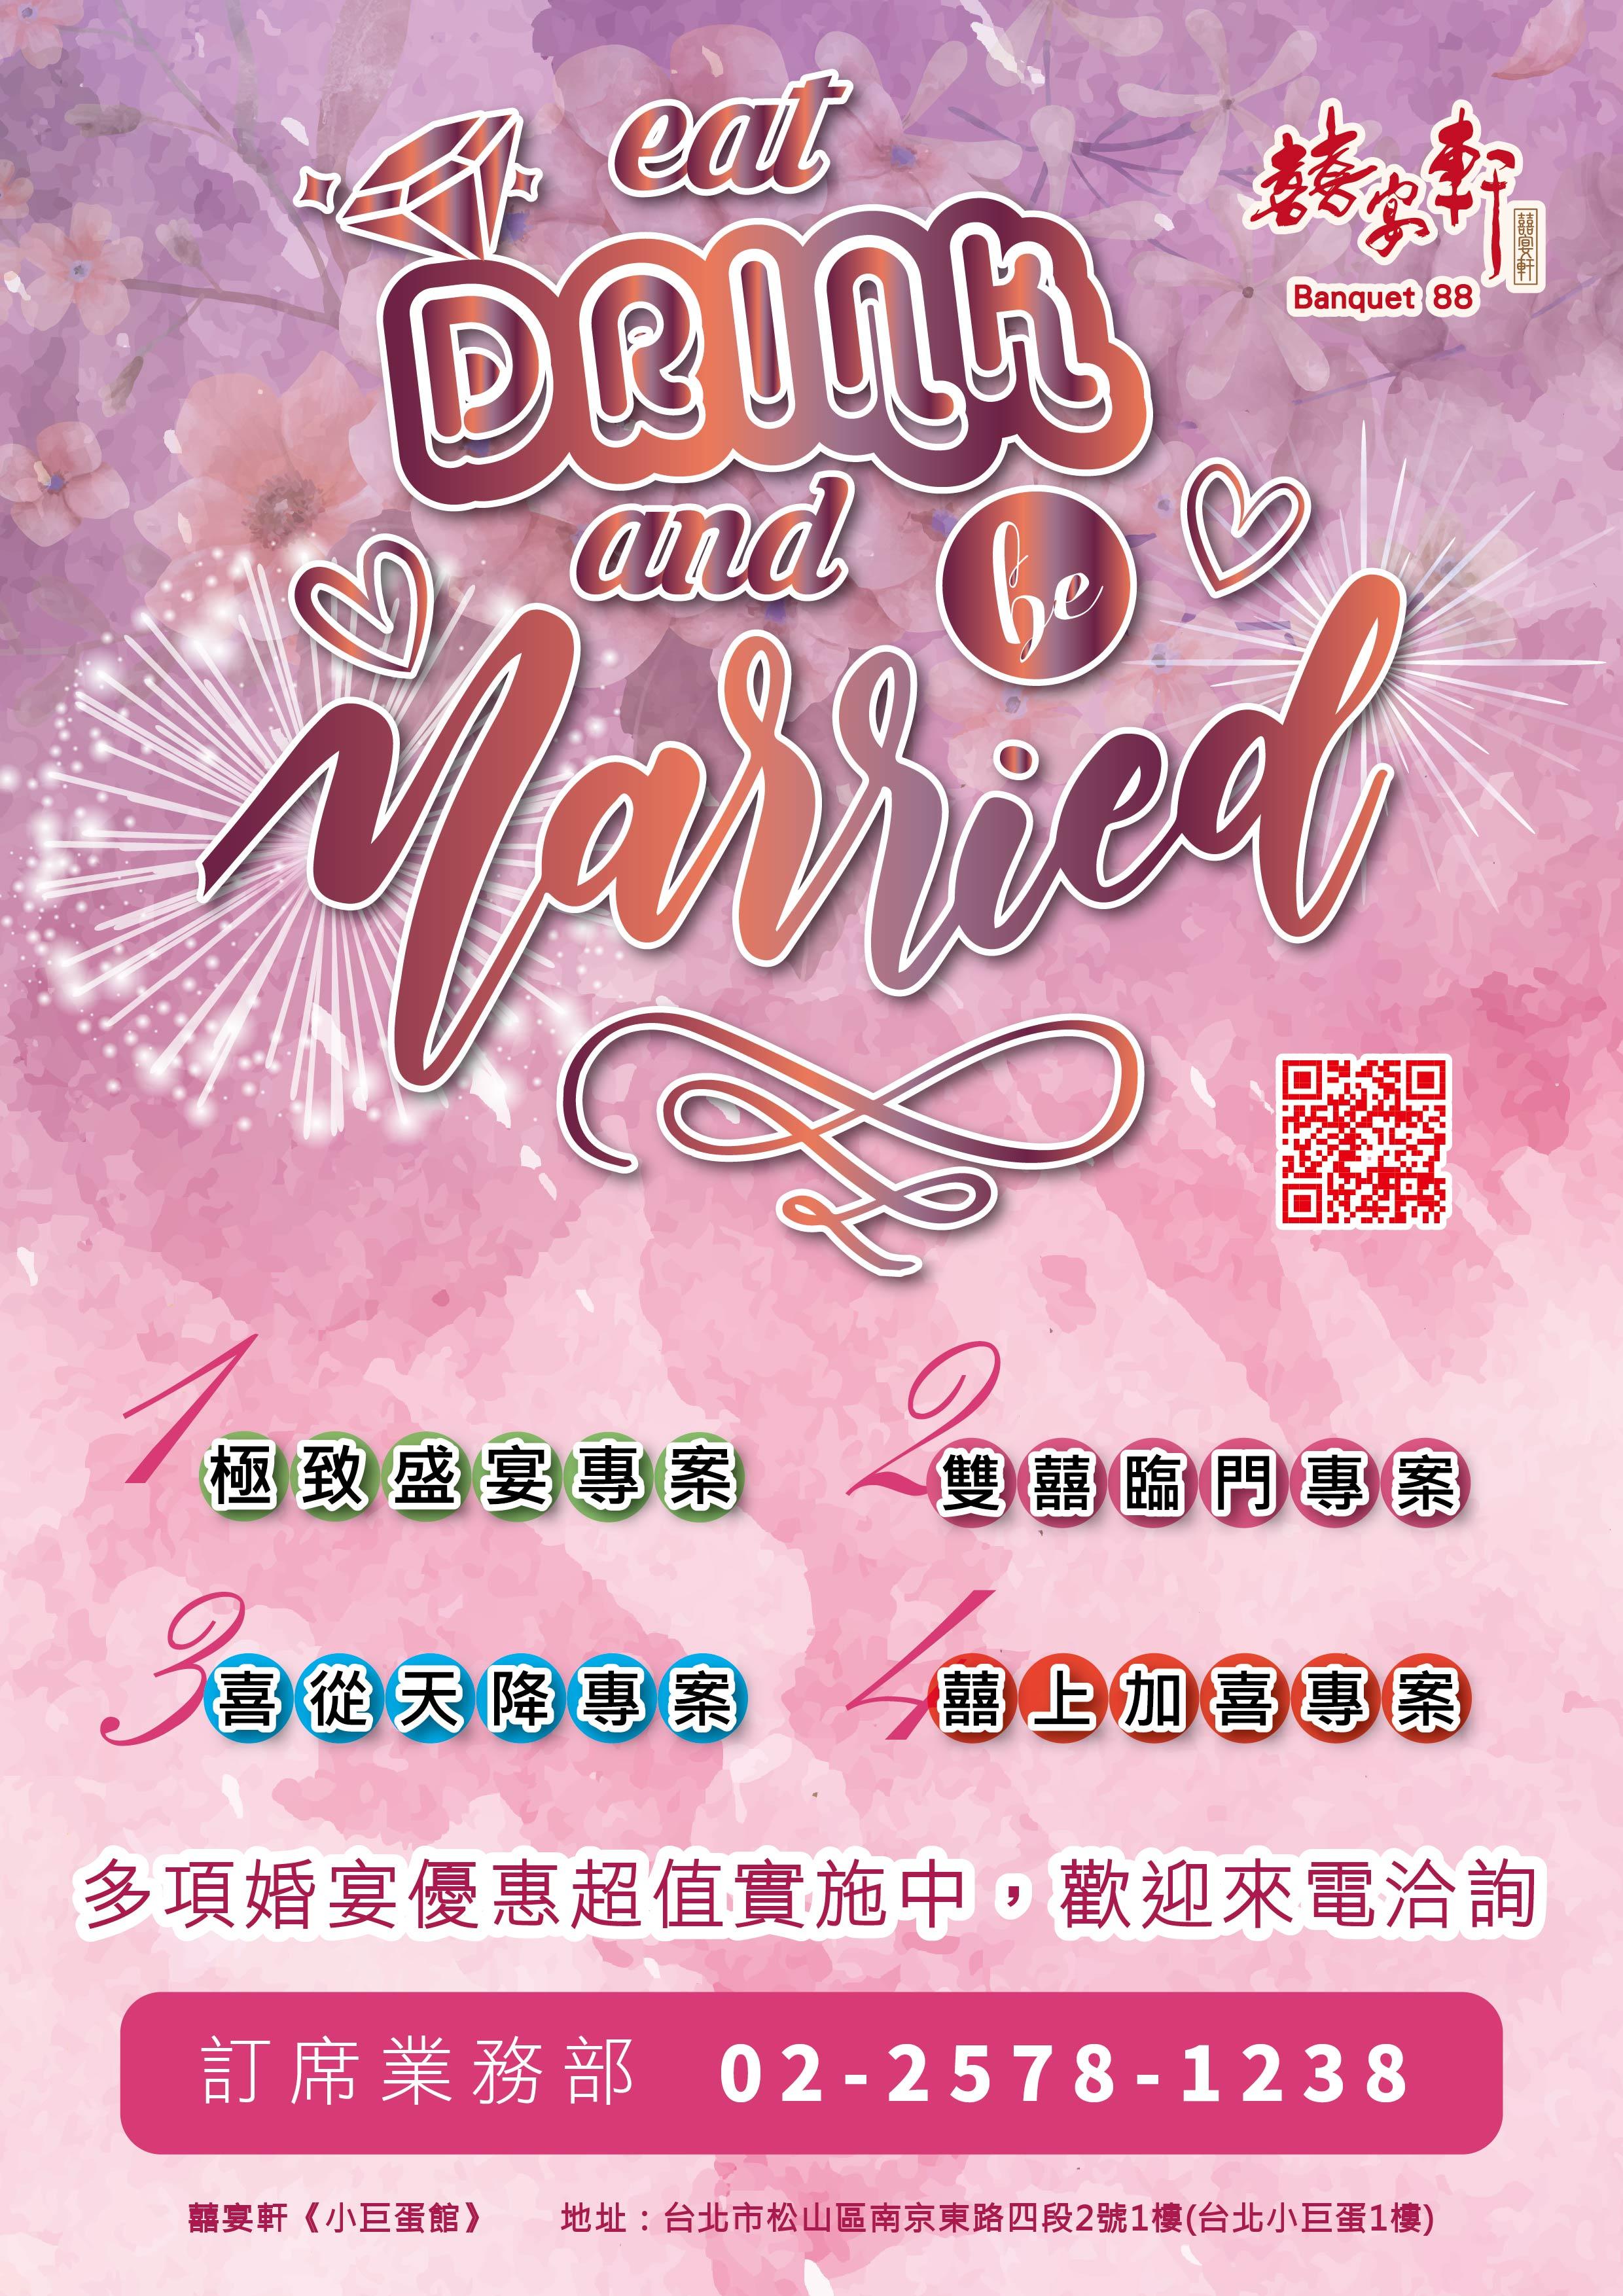 囍宴軒365天天給您幸福婚宴優惠!